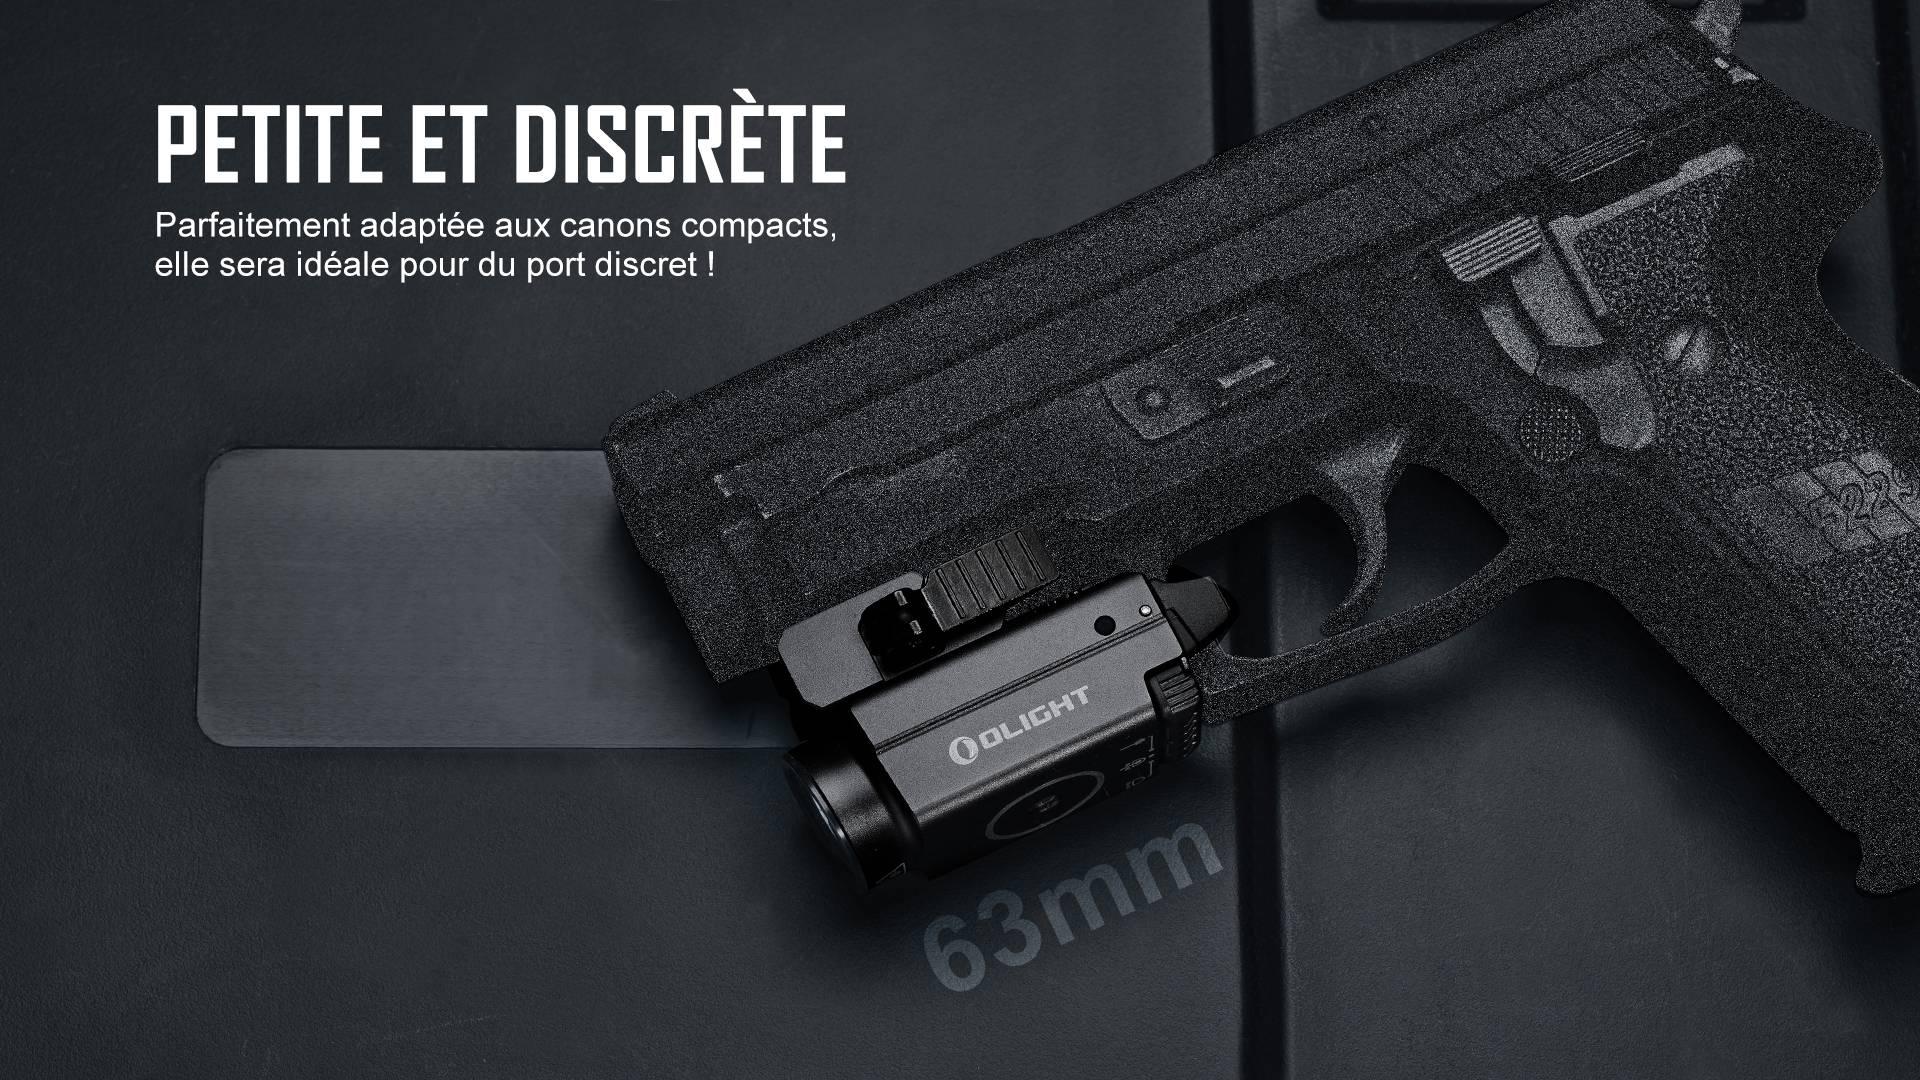 Un rail de lampe idéal pour les pistolets compacts